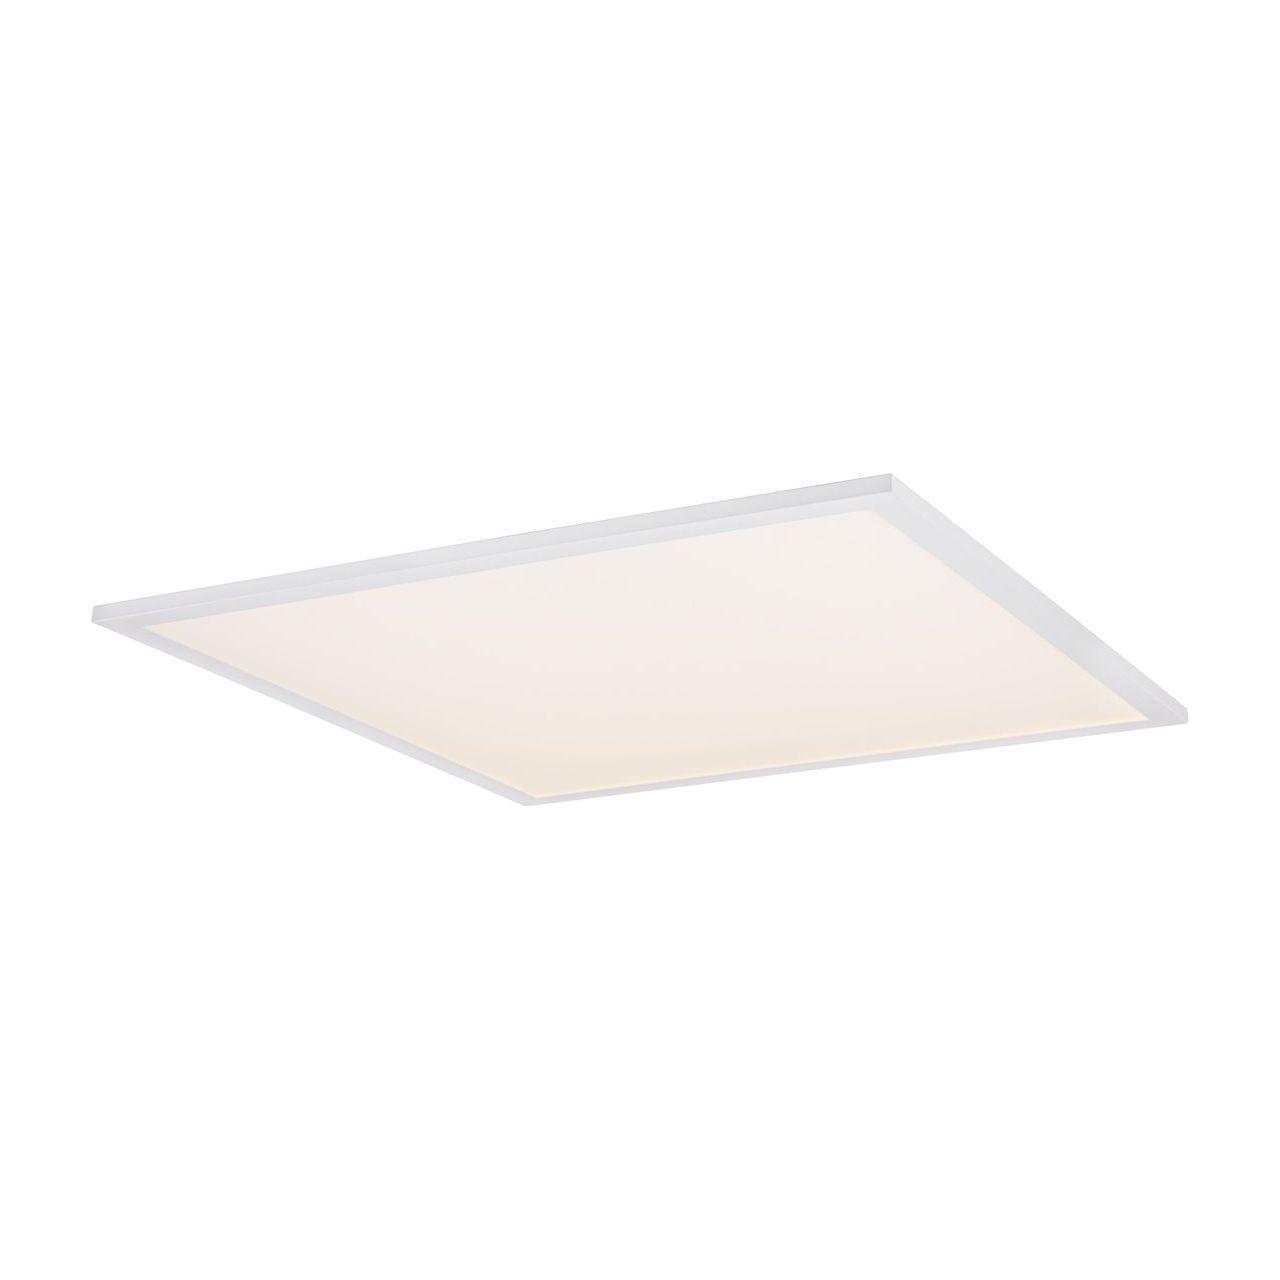 Потолочный светодиодный светильник Globo Rosi 41604D3D цены онлайн